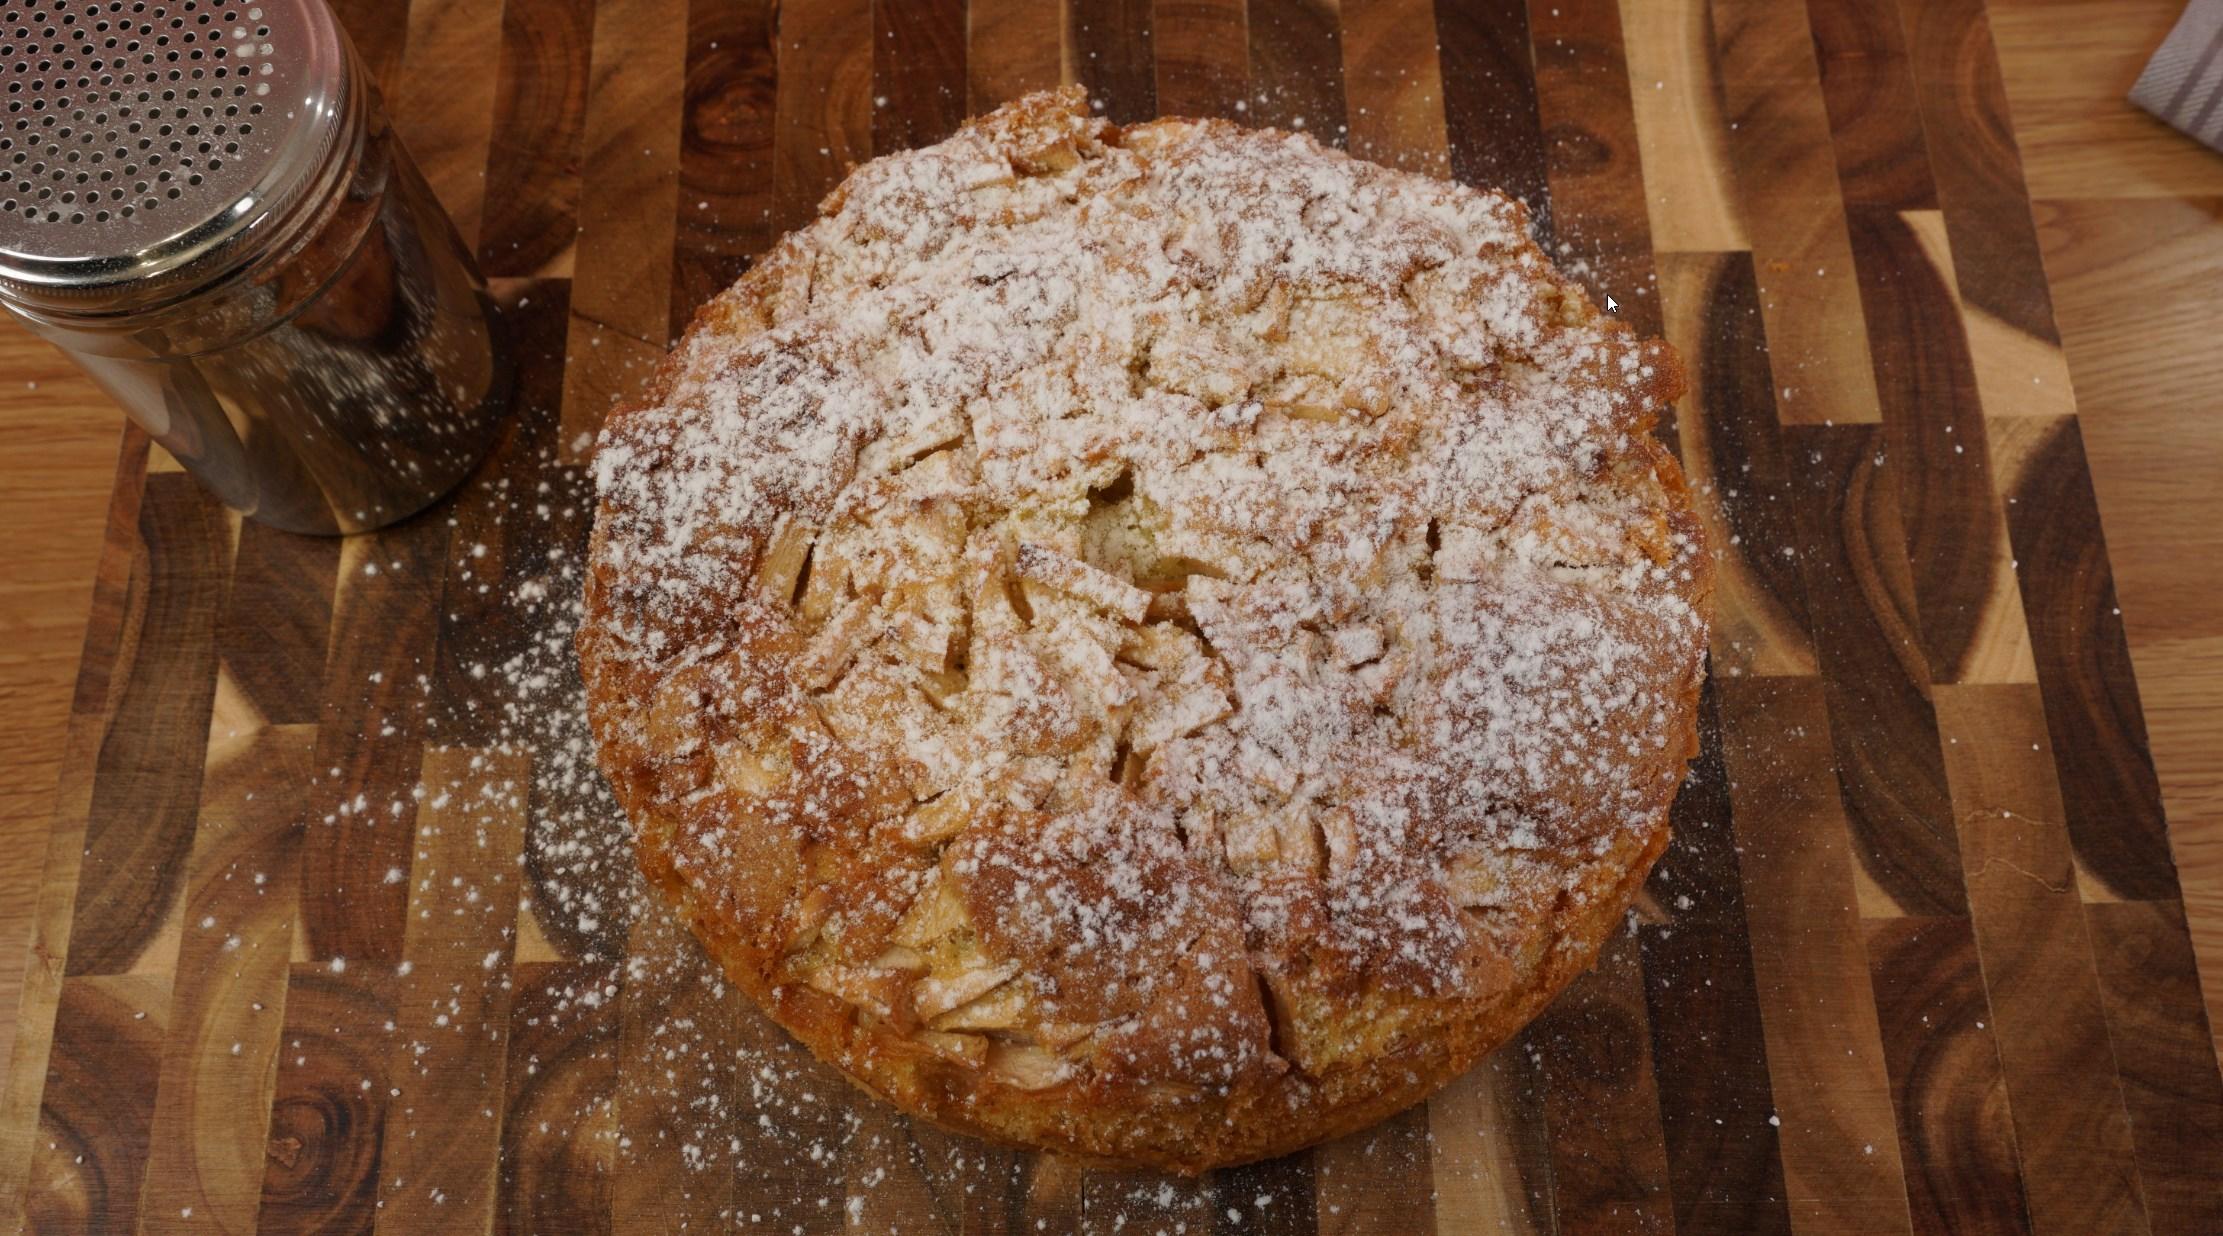 Итальянский яблочный пирог вкусные новости,выпечка,десерты,завтрак,кулинария,кулинарные хитрости,кухни мира,рецепты,сладкая выпечка